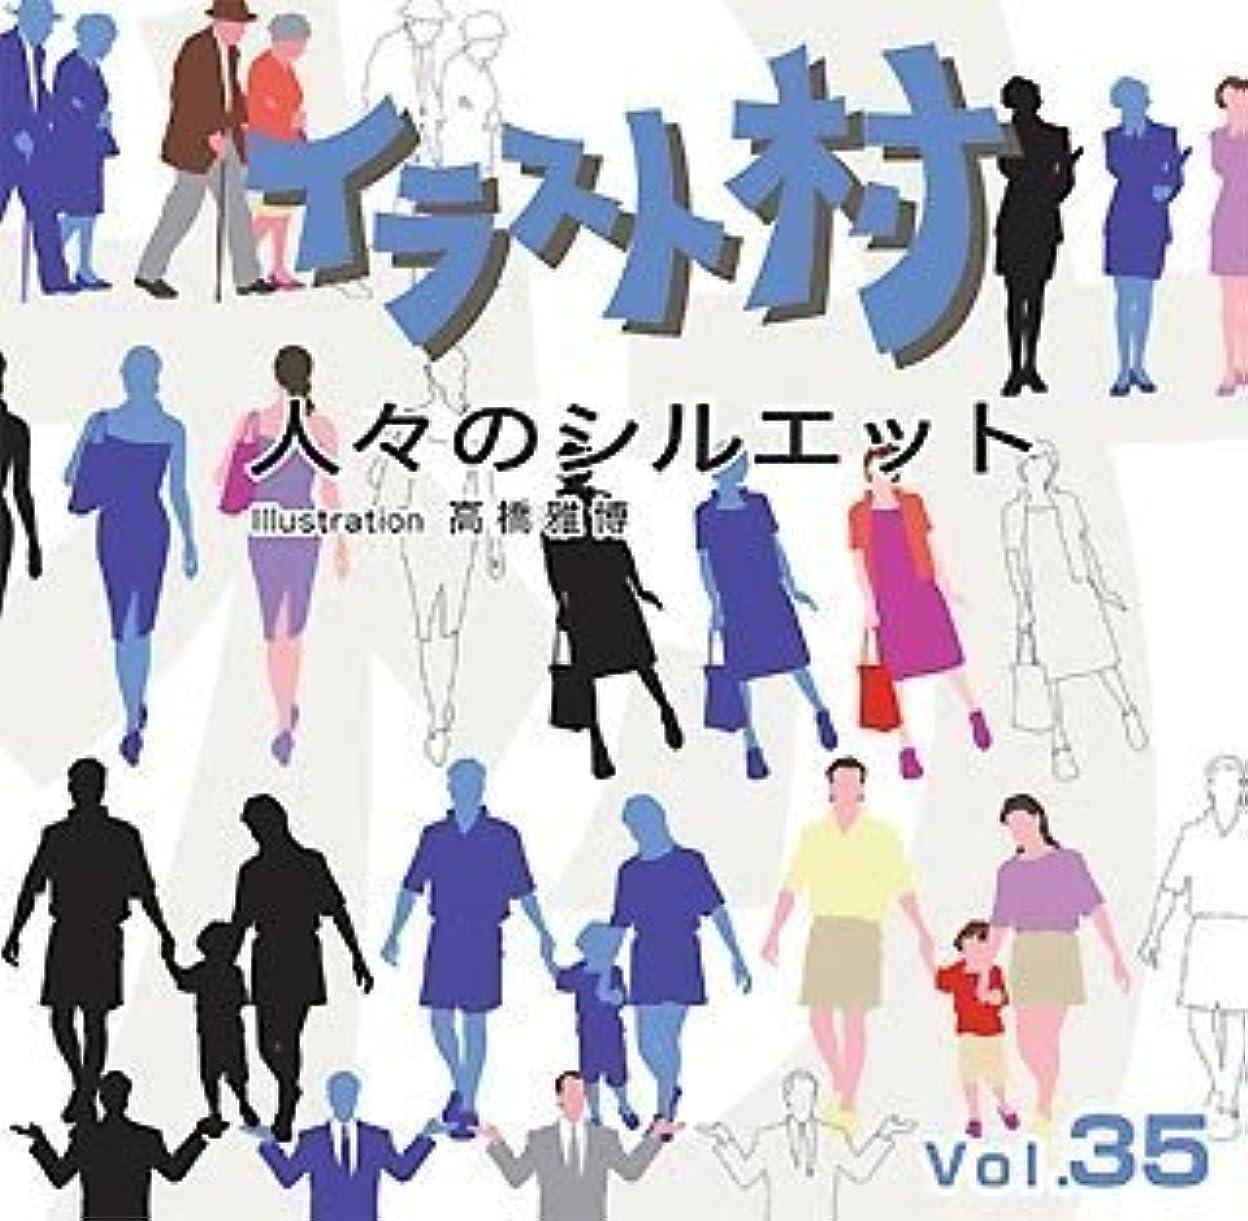 ミスペンド忌避剤聞くイラスト村 Vol.35 人々のシルエット